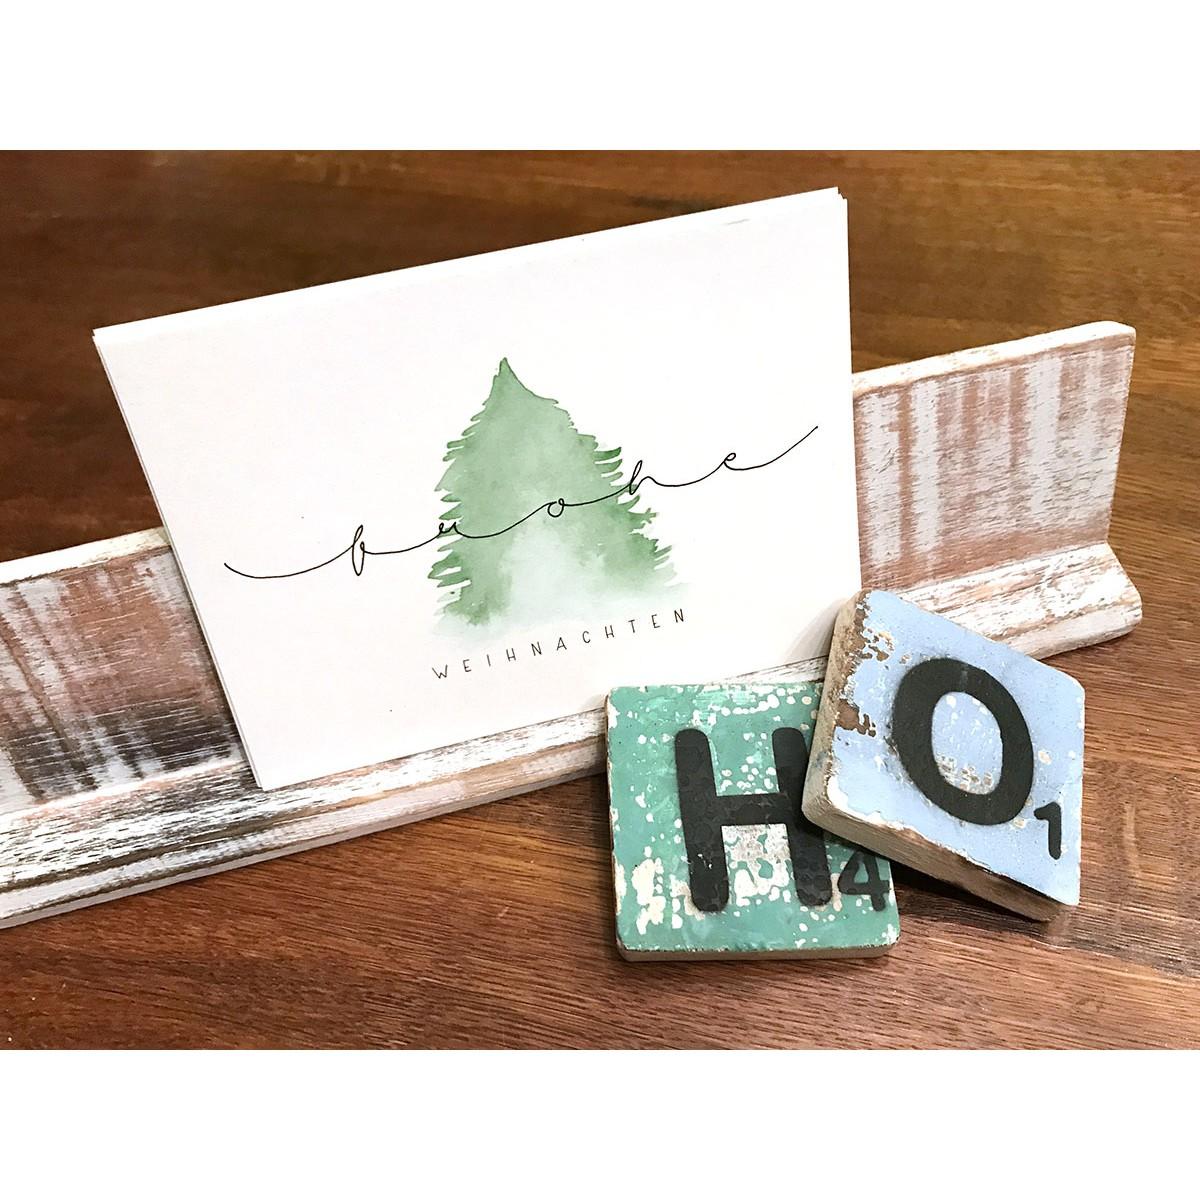 Weihnachtskarten Verlag.Design Verlag 10 X Weihnachtskarten Mit Wasserfarbe Und Handlettering